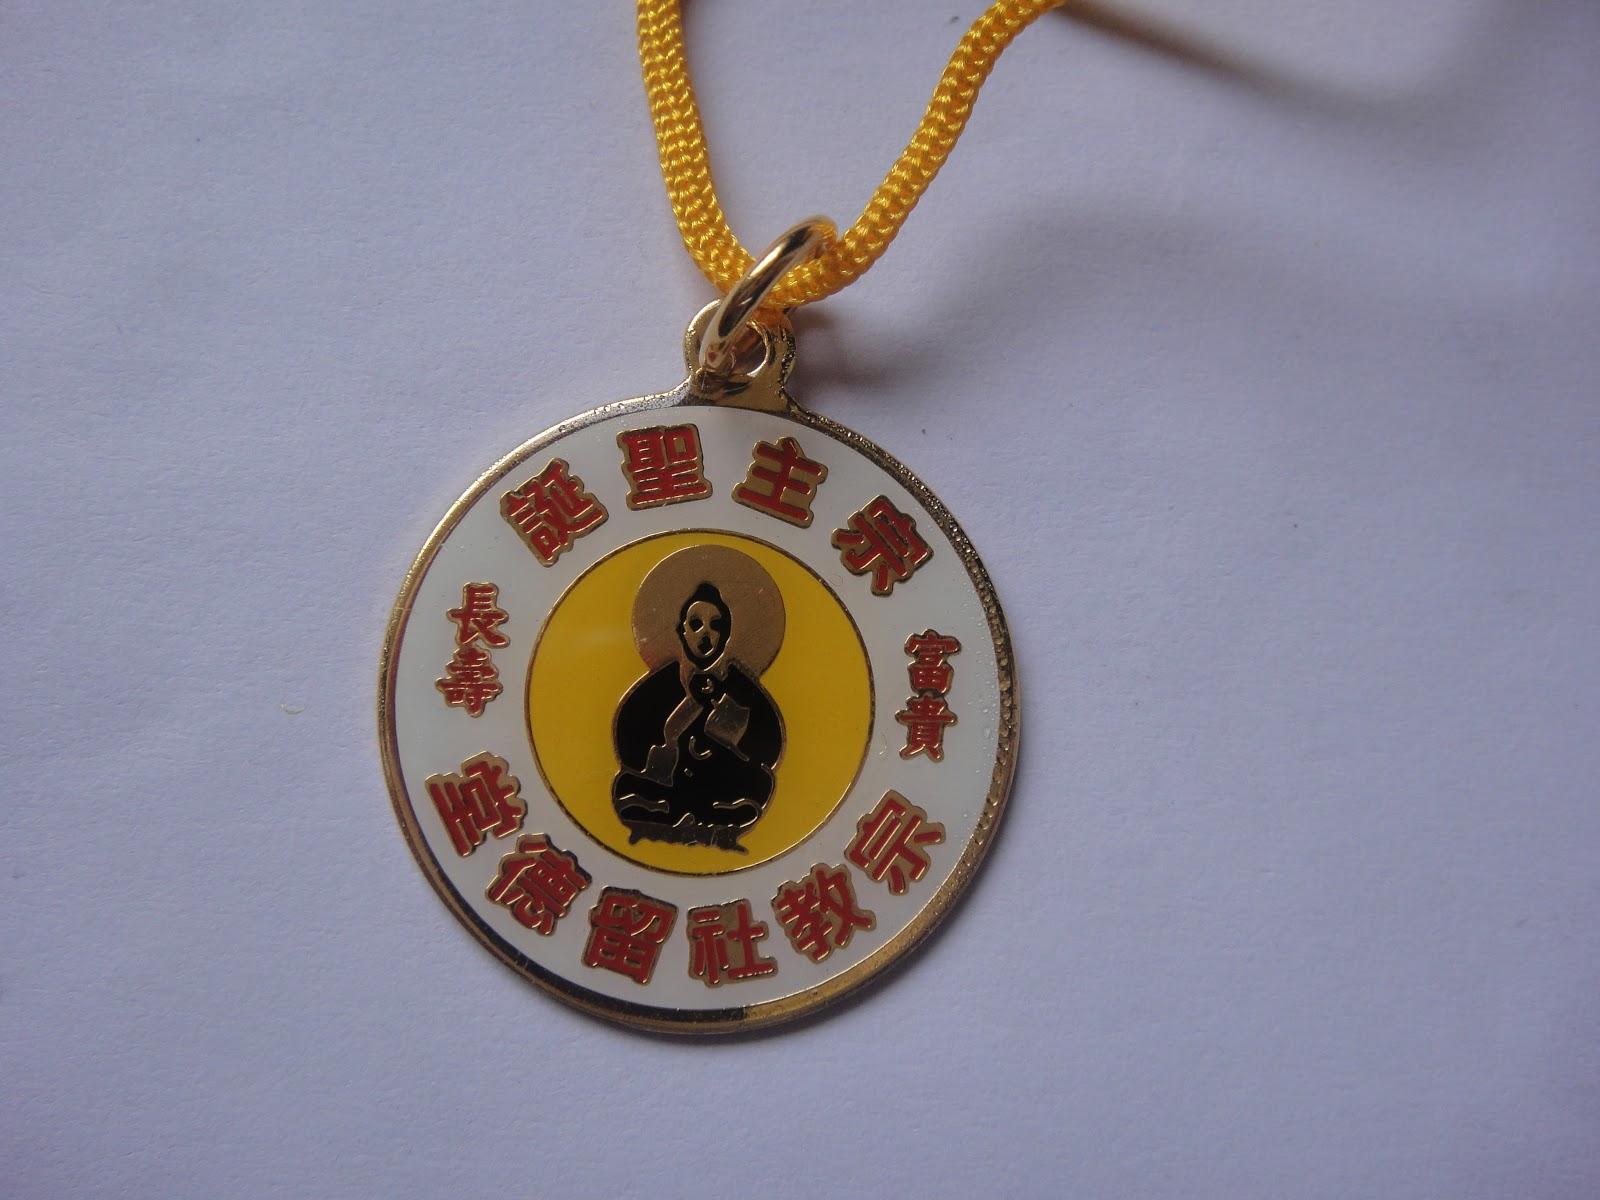 一炁宗主 天德教教主蕭昌明 在人間少年時期的相徽章   世間人鬼神 - 臉精神